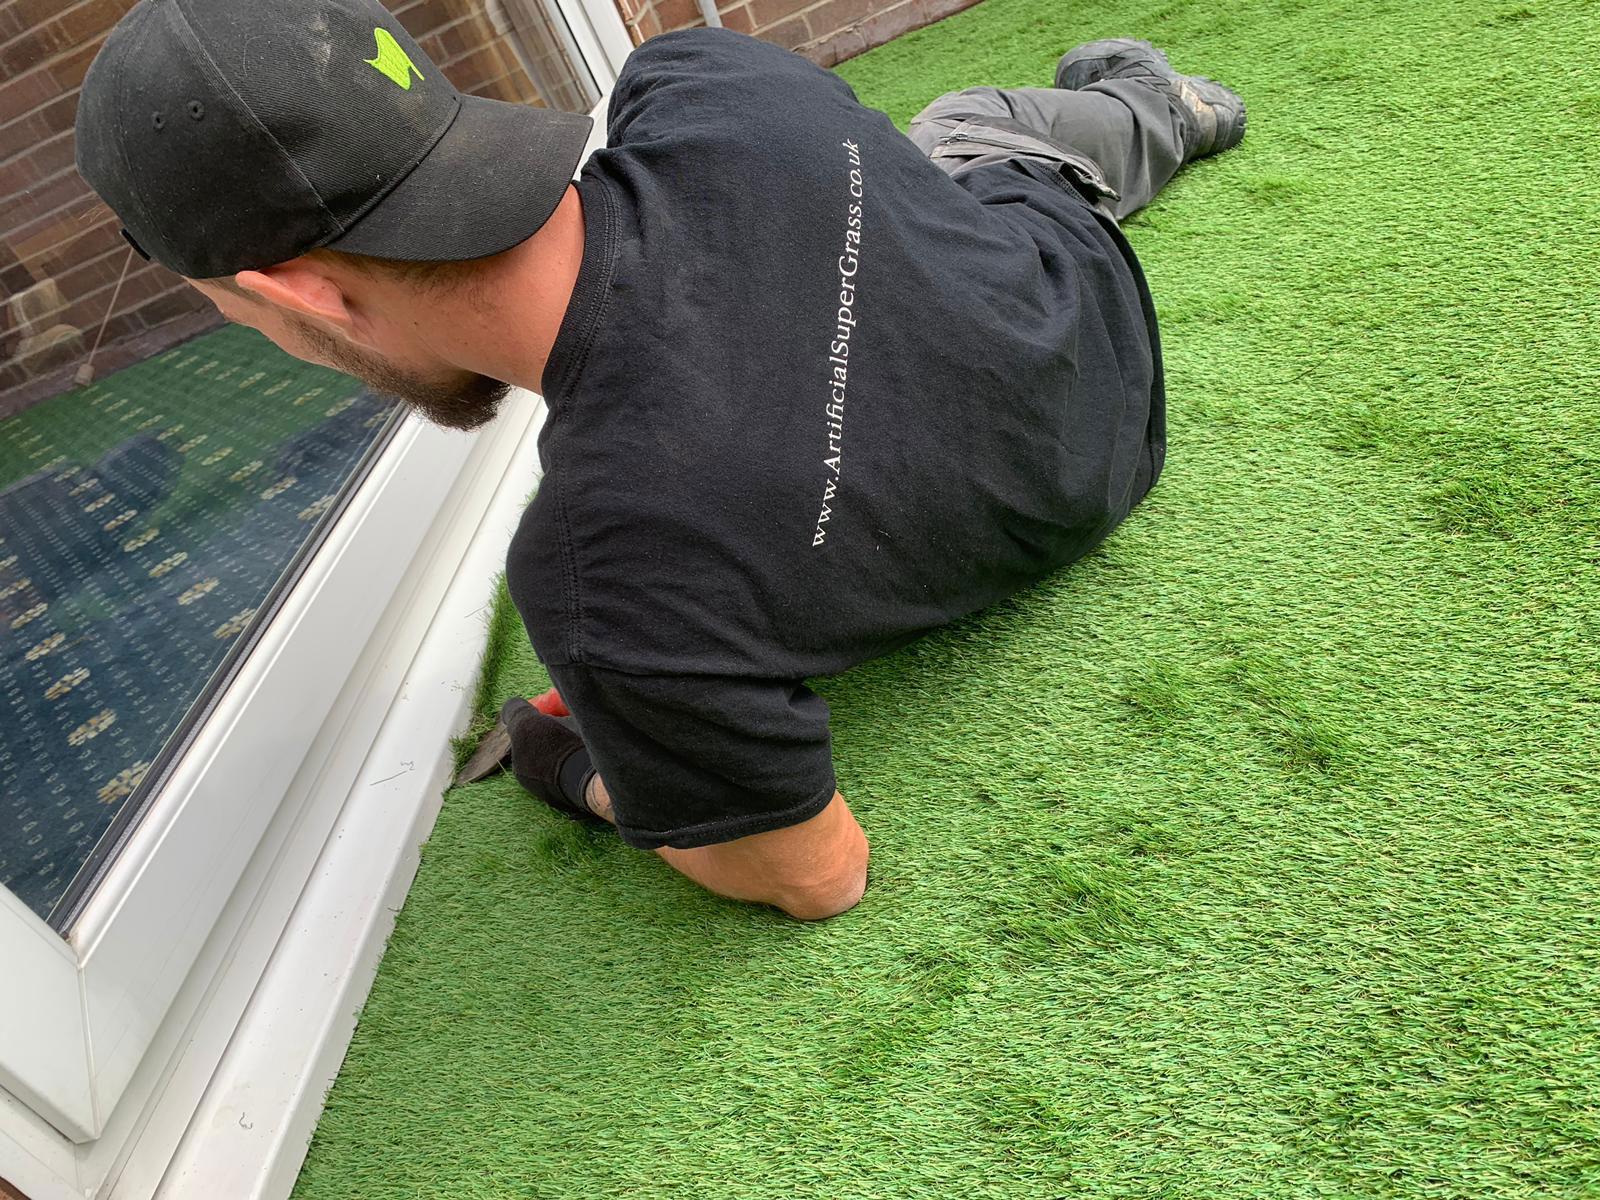 Artificial Grass Suppliers Tyne and Wear Artificial Super Grass